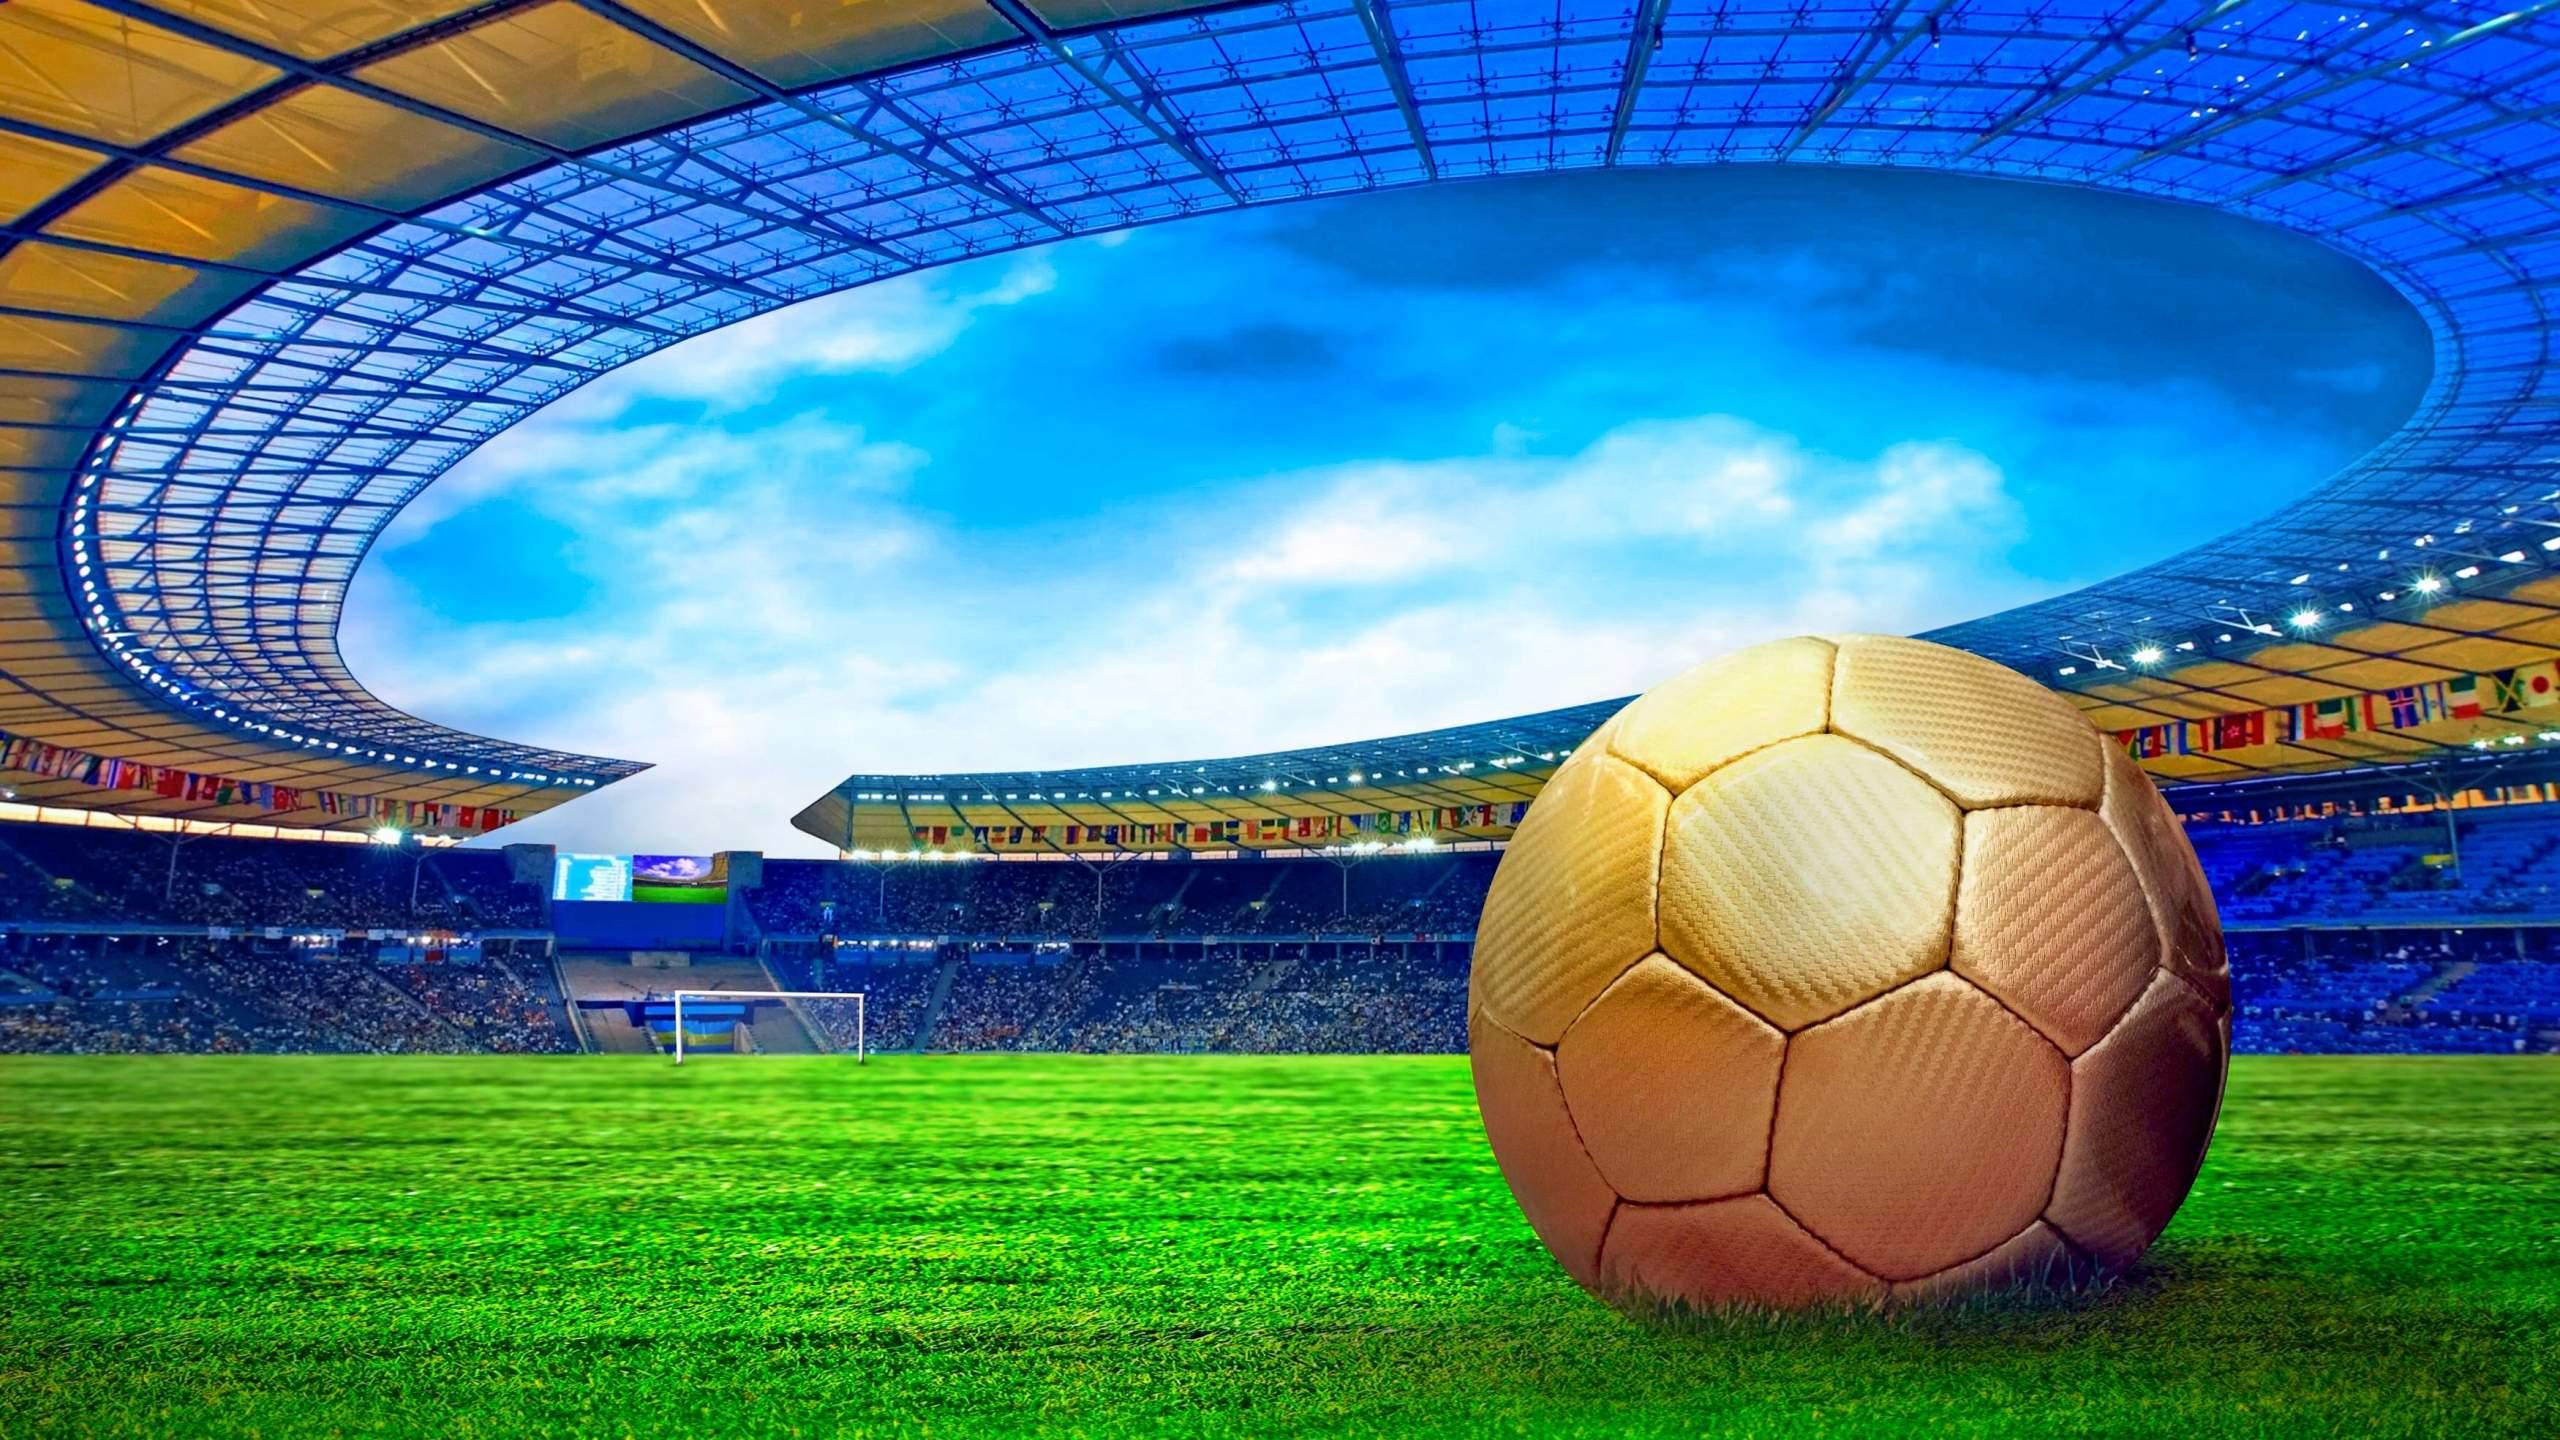 картинки с футболом на рабочий стол как фотография